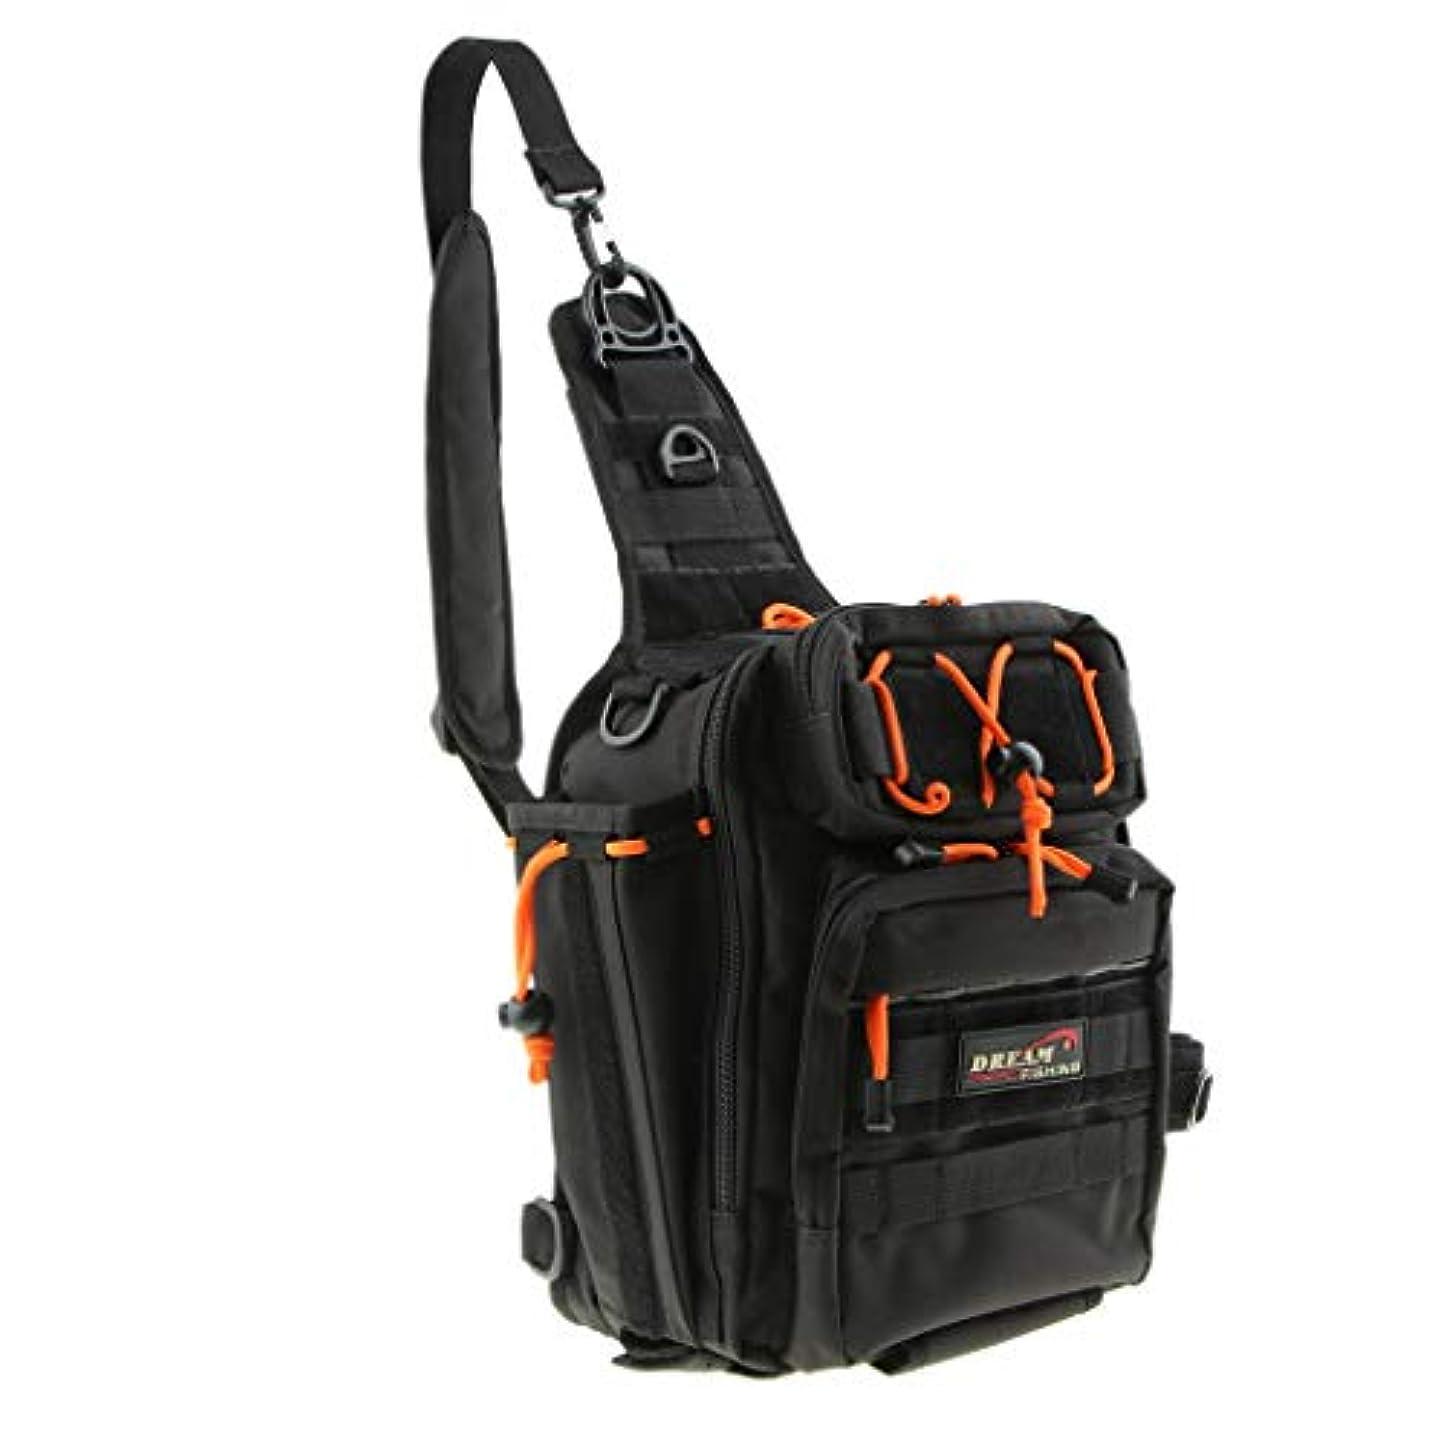 鉛開業医のためにFLAMEER 多機能 バックパック タックルバッグ ウェストバッグ ナイロン 大容量 撮影 調節可能 全3色